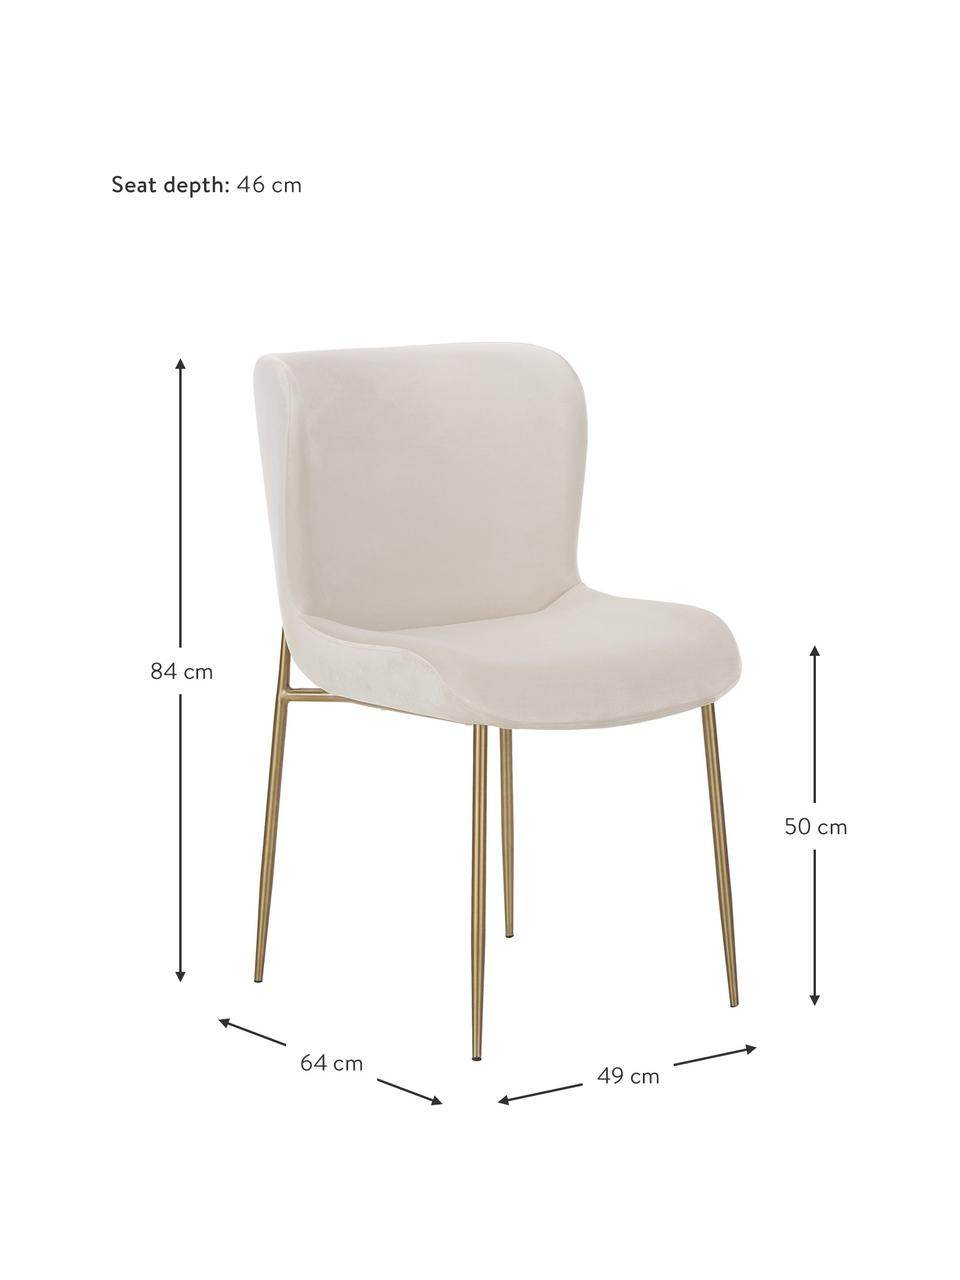 Samt-Polsterstuhl Tess in Beige, Bezug: Samt (Polyester) Der hoch, Beine: Metall, pulverbeschichtet, Samt Beige, Gold, B 49 x T 64 cm